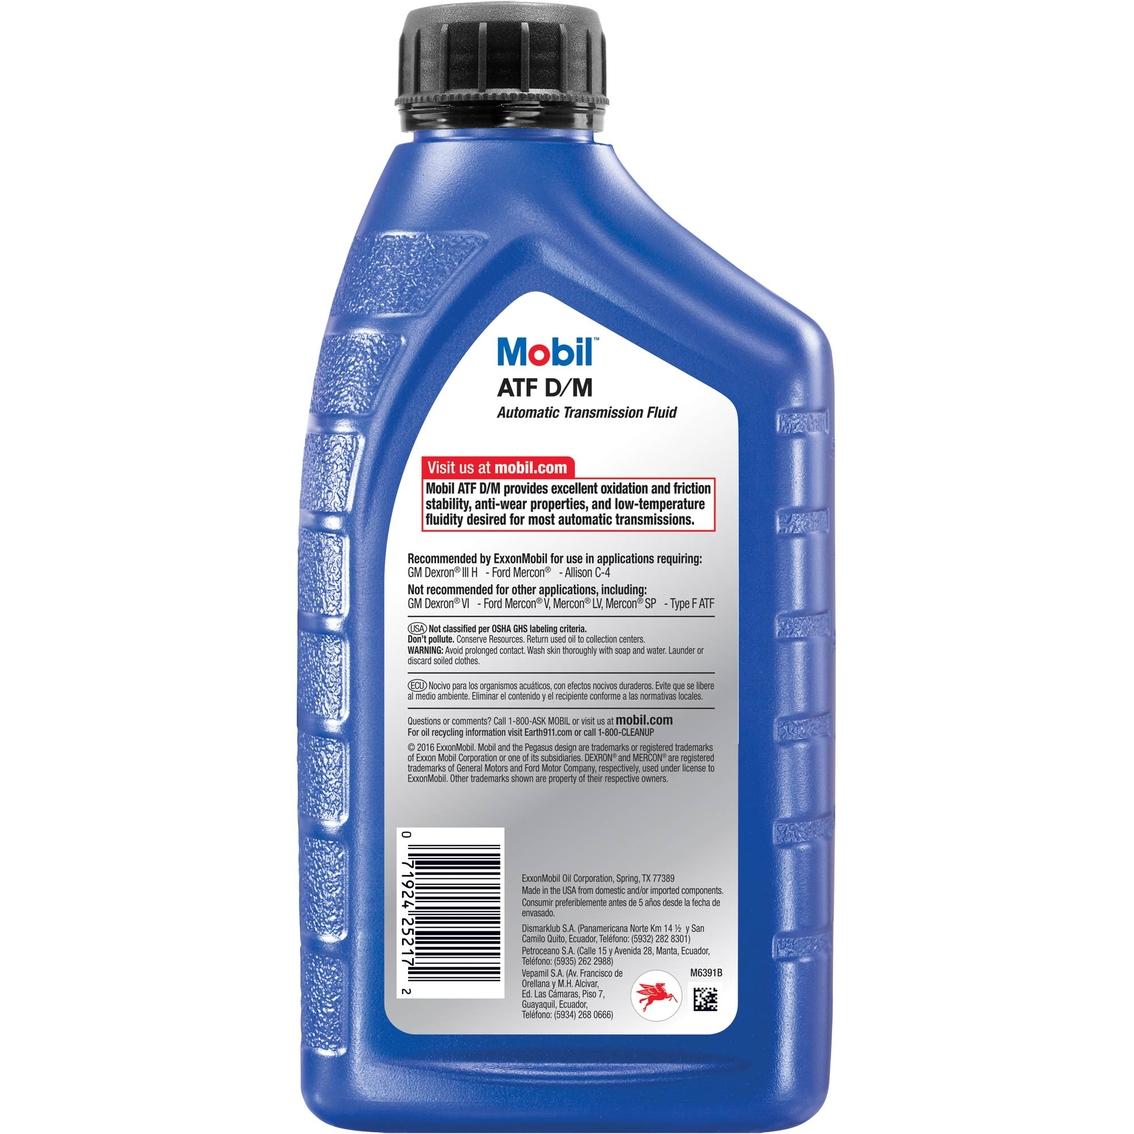 Mobil Atf D/m Automatic Transmission Fluid, 20 Qt.   Oils & Fluids ...